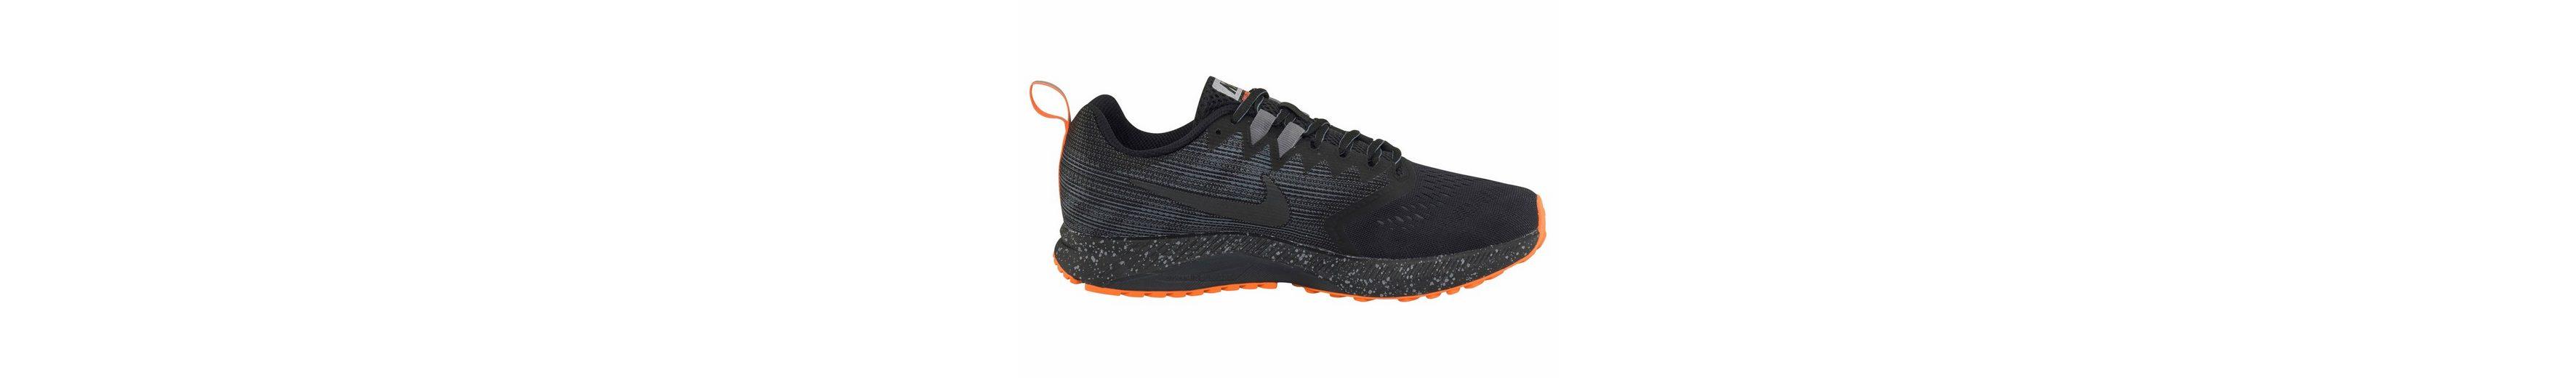 Verkauf In Deutschland Nike Zoom Span 2 Shield Laufschuh Angebote r0u6jolV0R